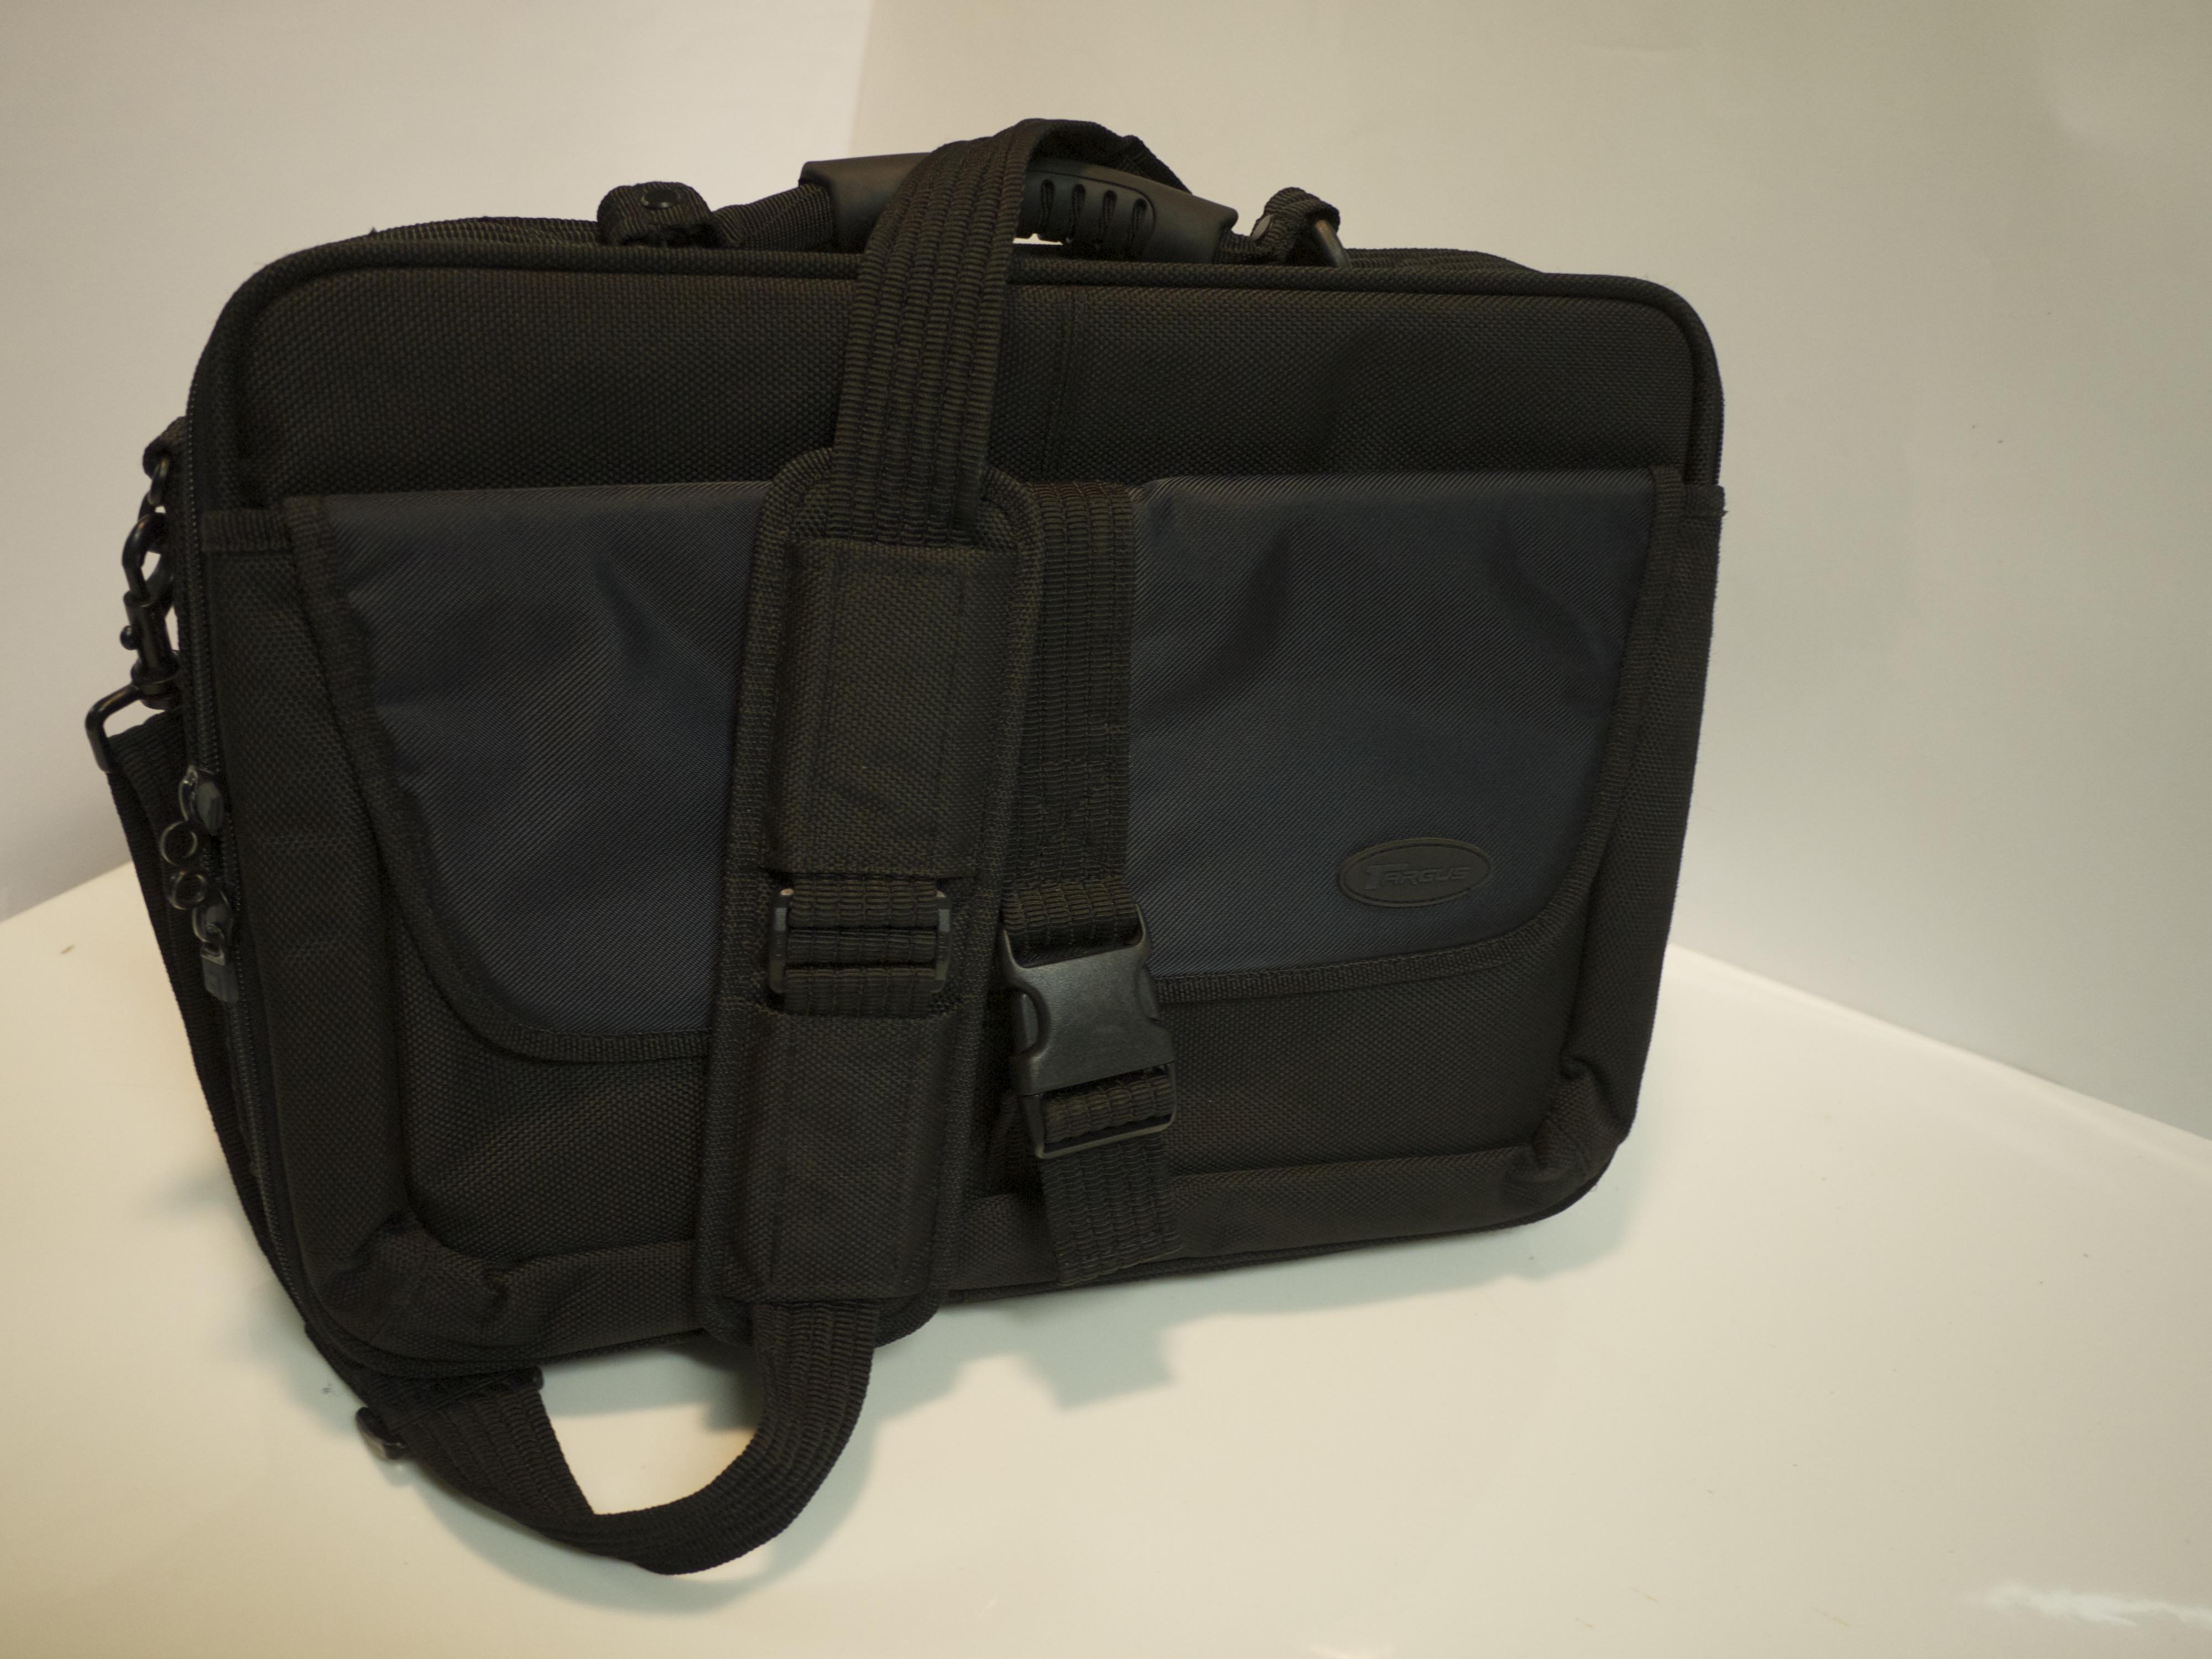 Black & navy color laptop bag